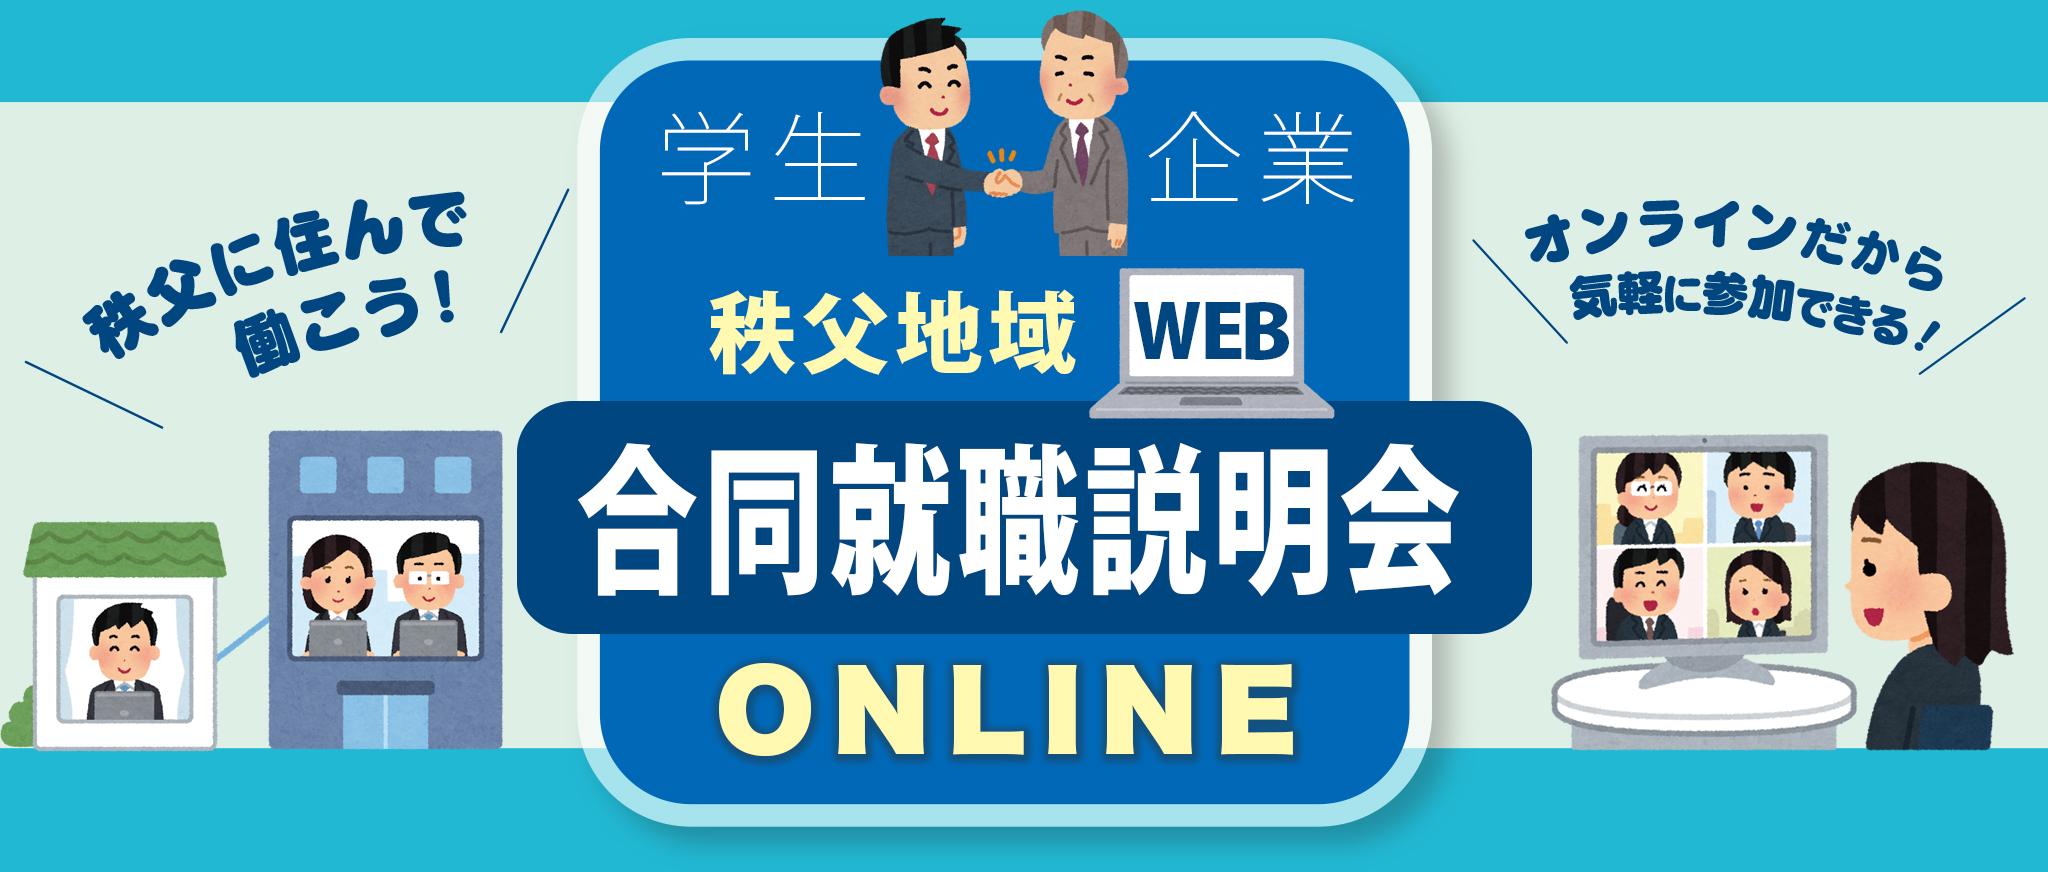 秩父地域WEB合同就職説明会:メインイメージ